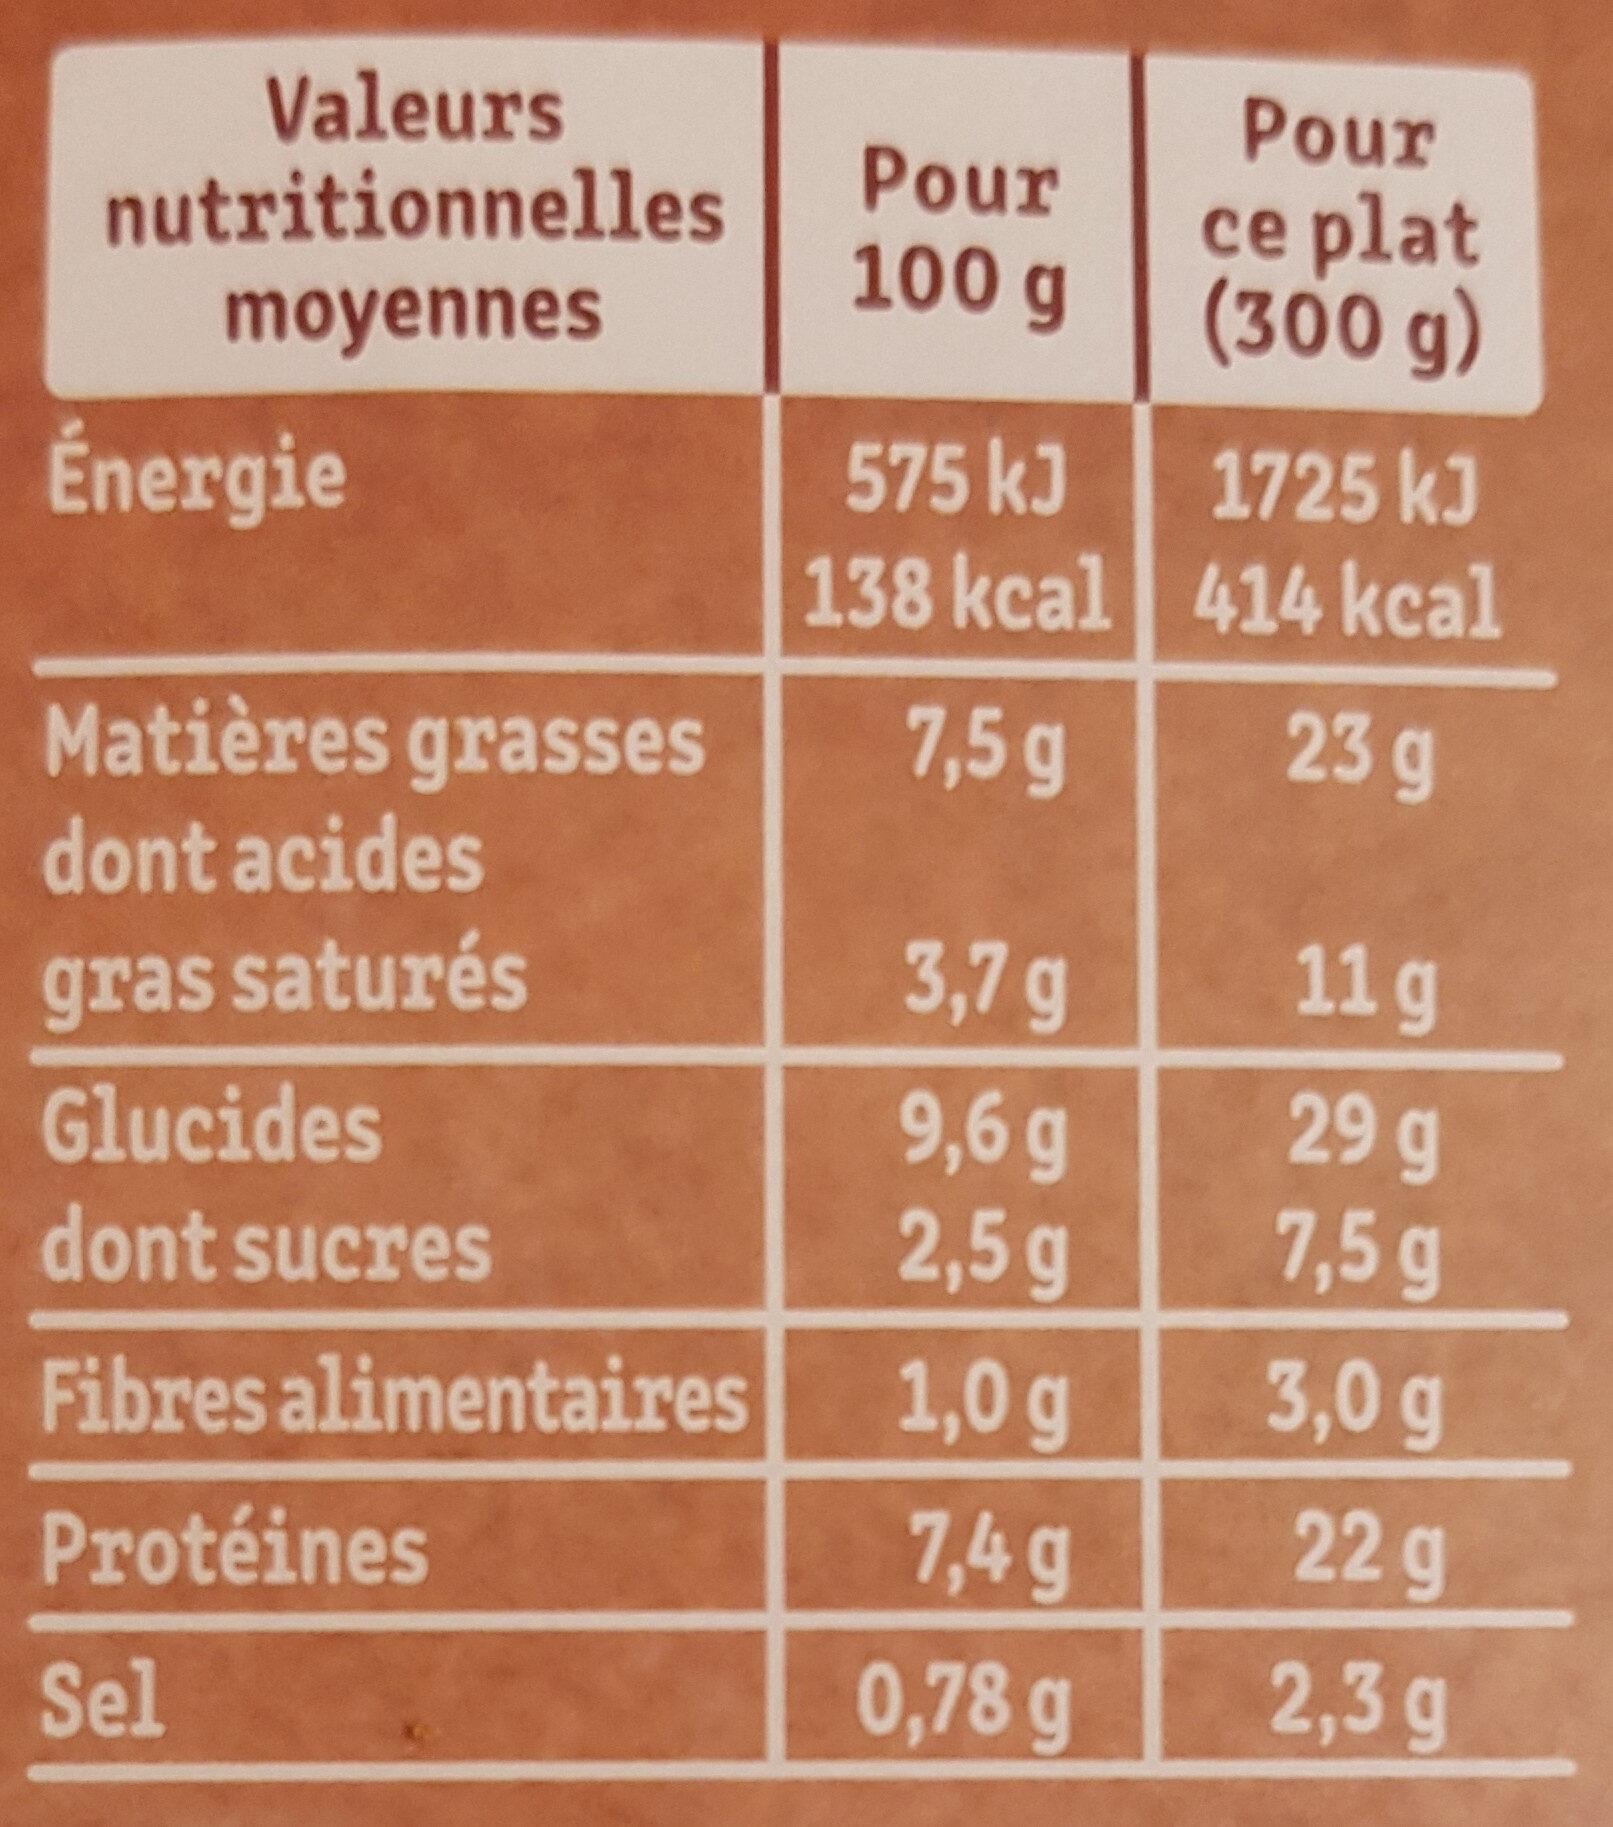 Le Parmentier de Boeuf Charolais purée à la crème fraîche - Valori nutrizionali - fr